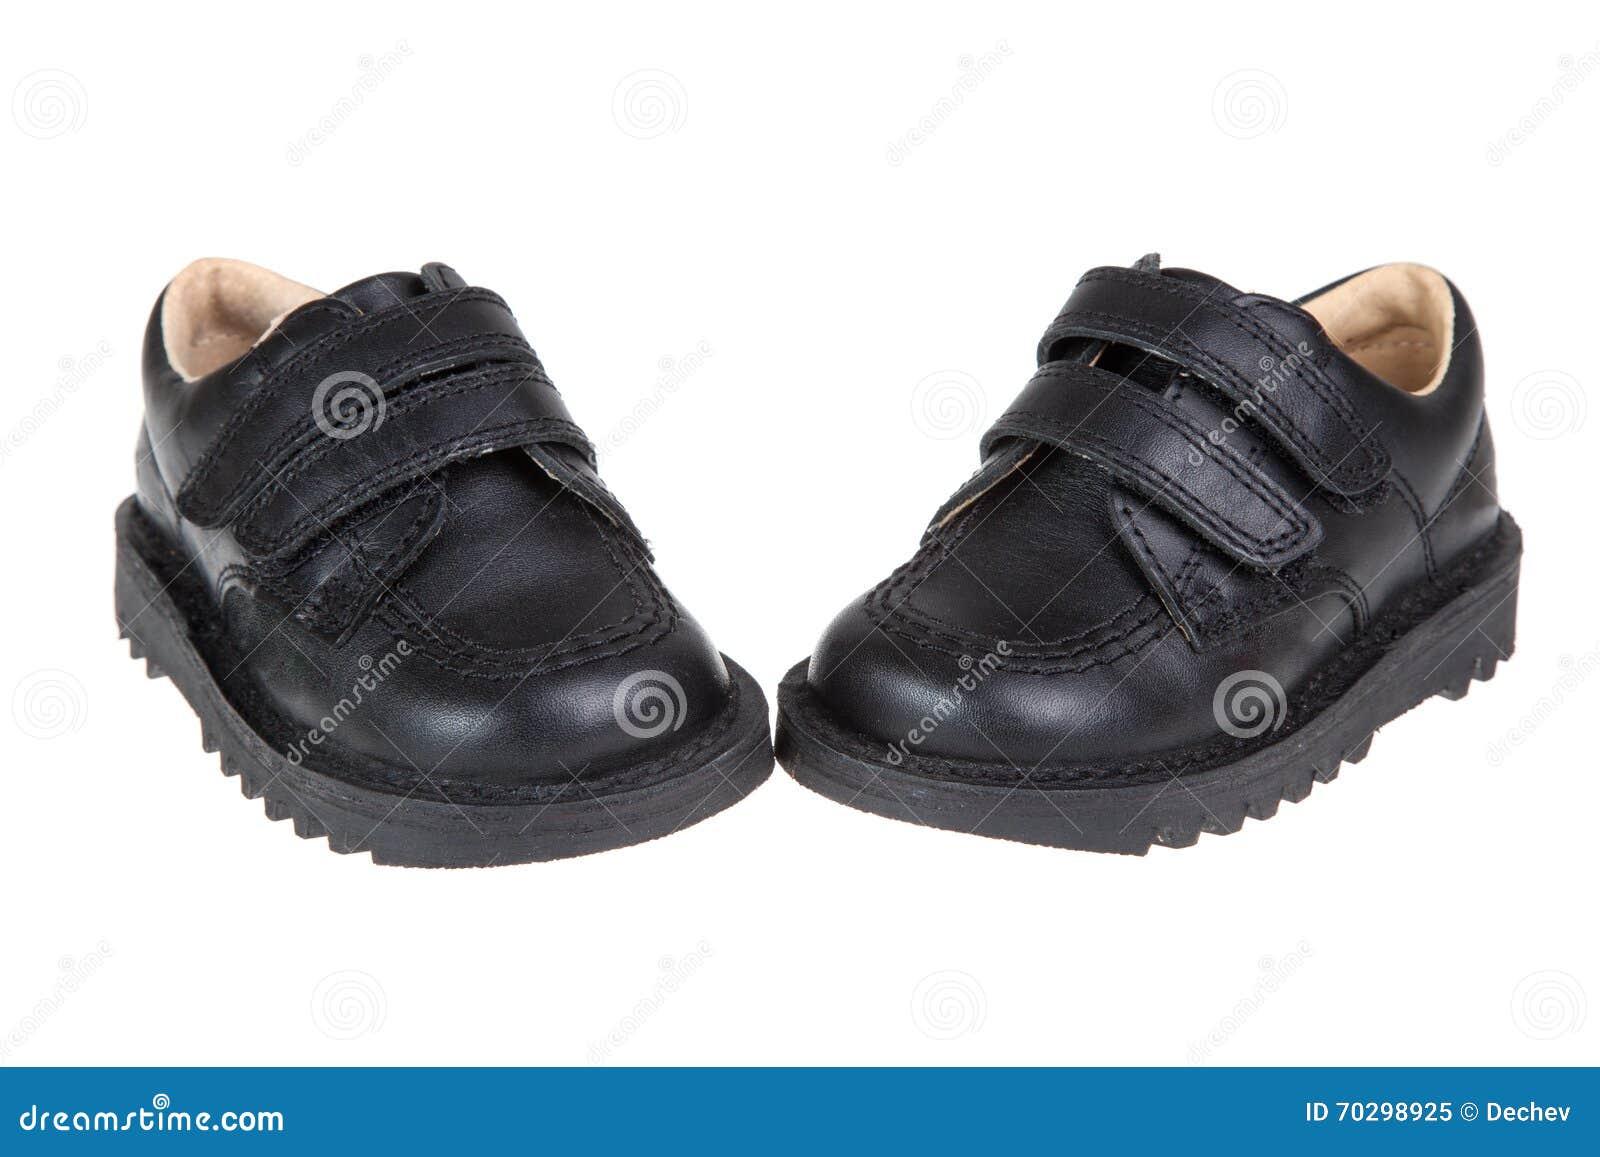 Zapatos Niño Del Un En Negros Los Blanco LindoAislados Fondo CxedBo